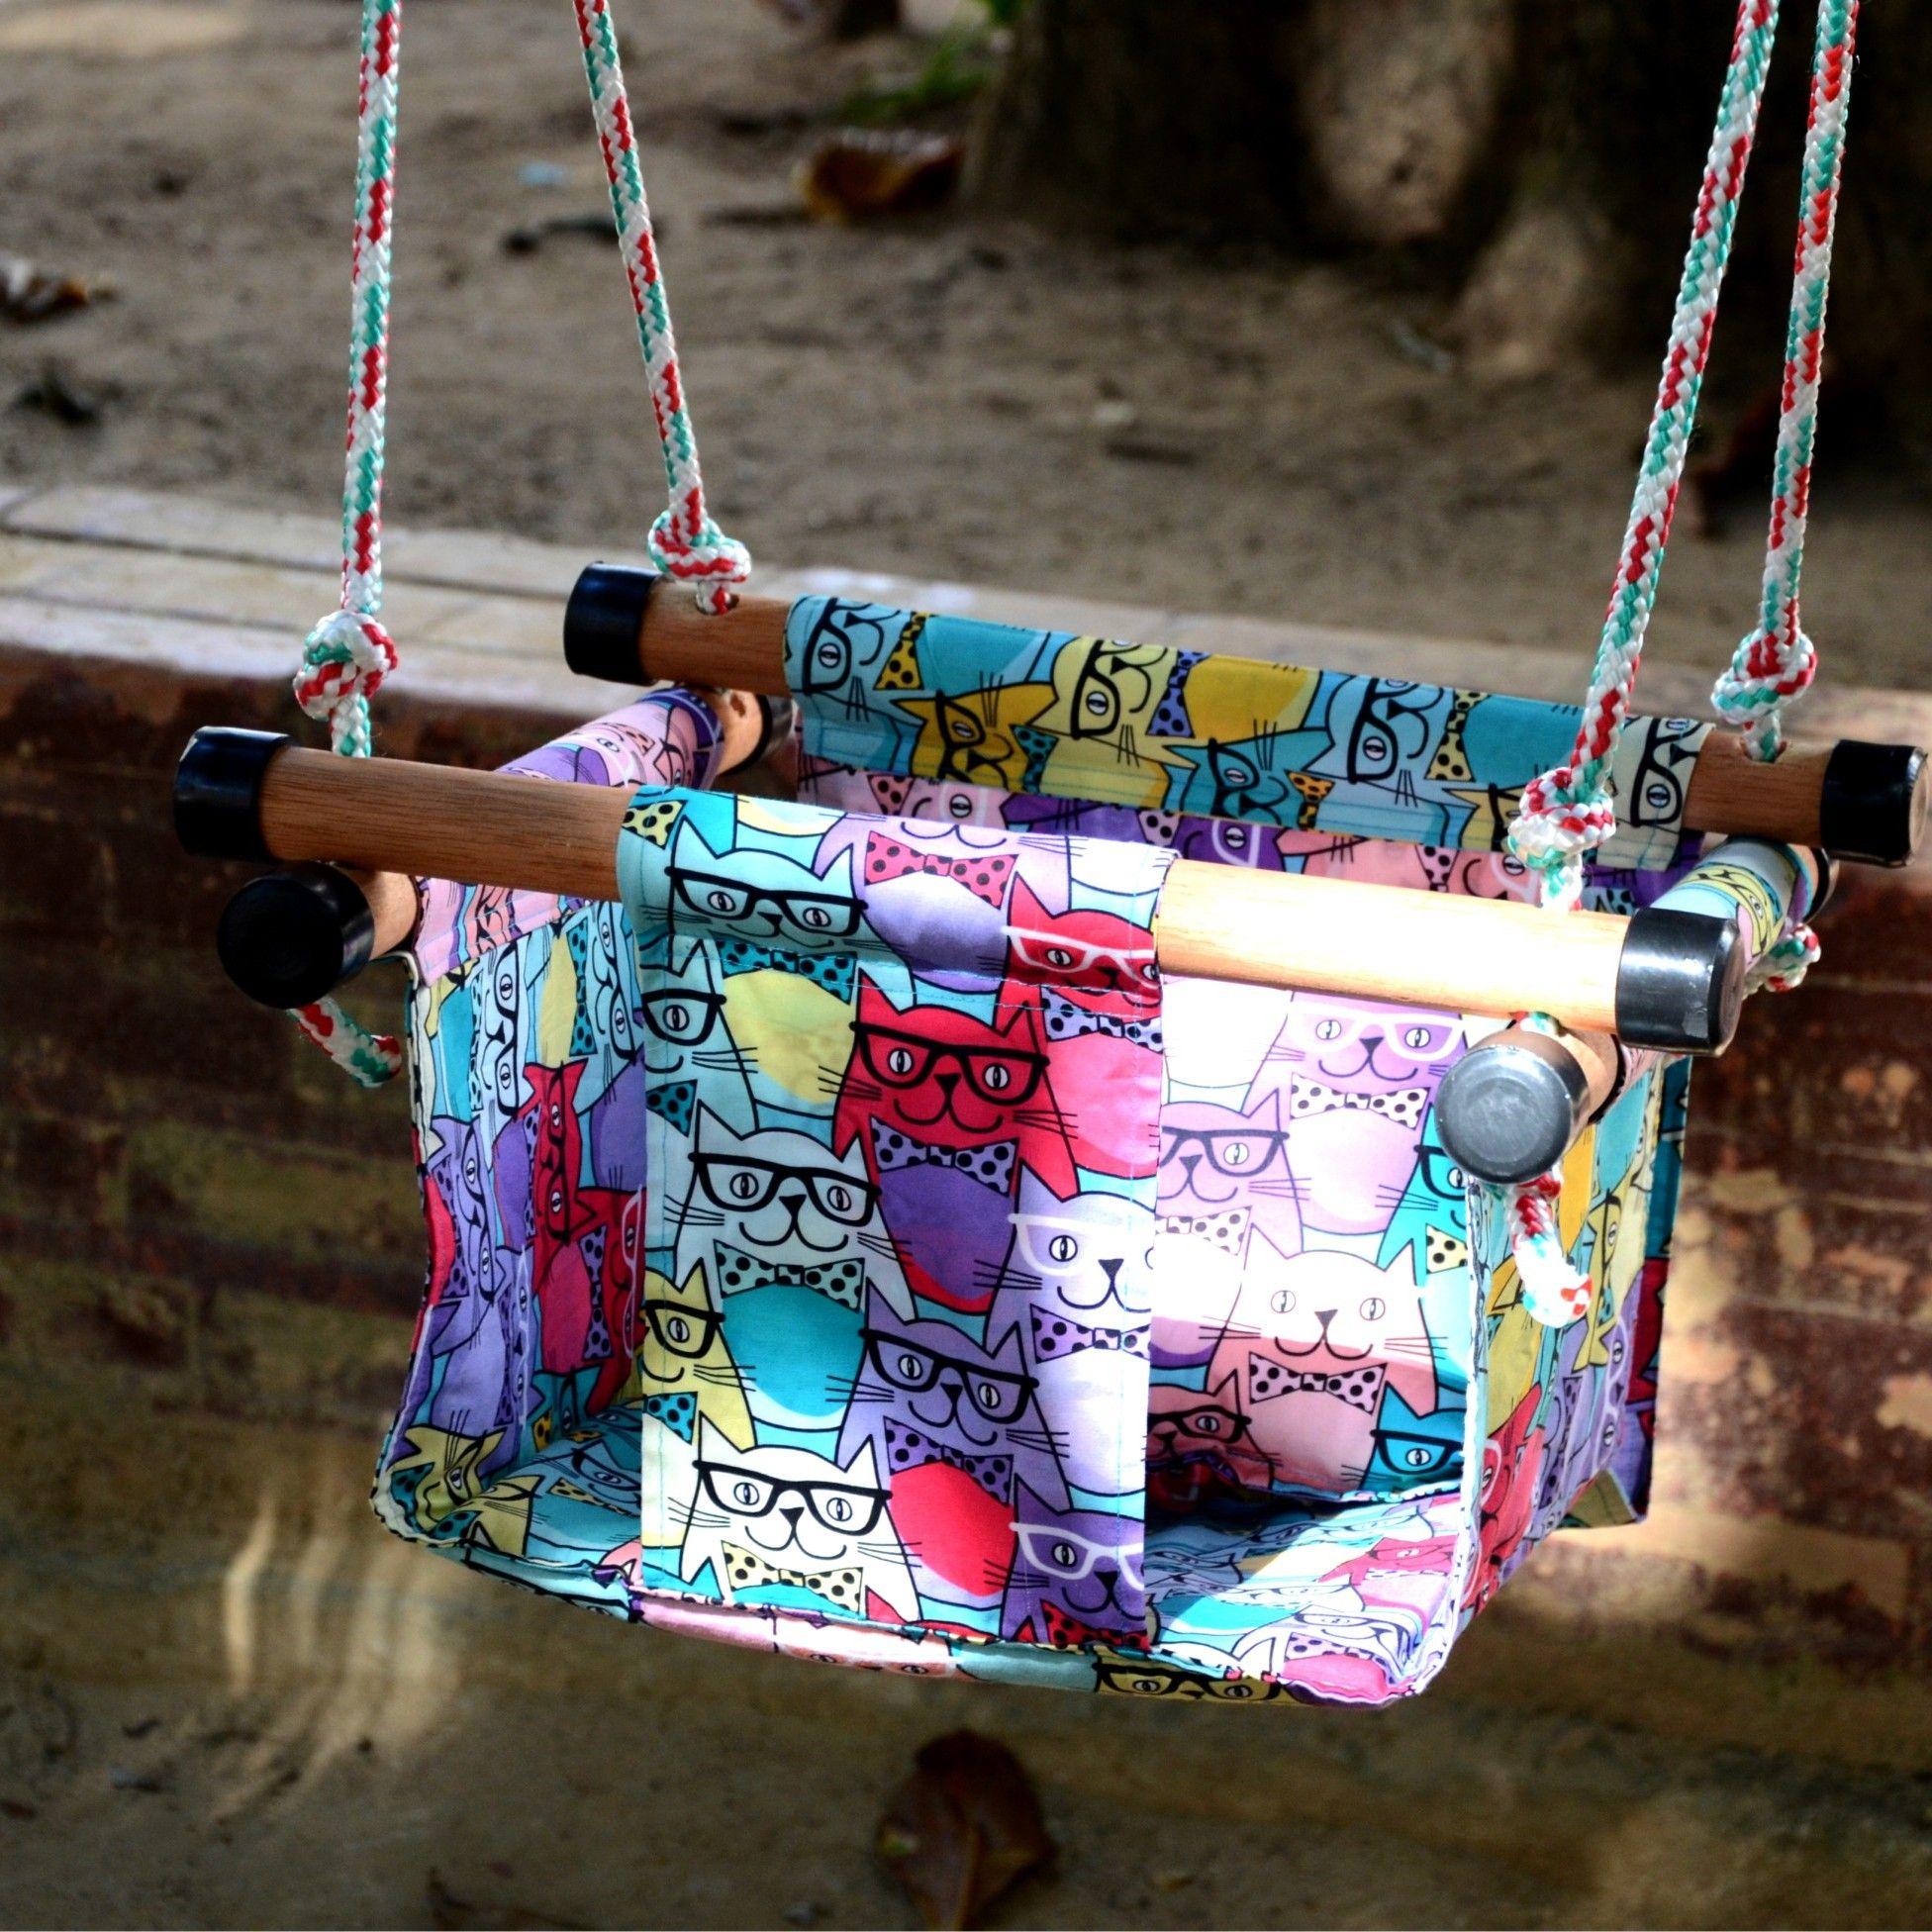 1659d2bc3 Os balancinhos para bebês podem ser usados dentro de casa fixados no teto  ou na parede